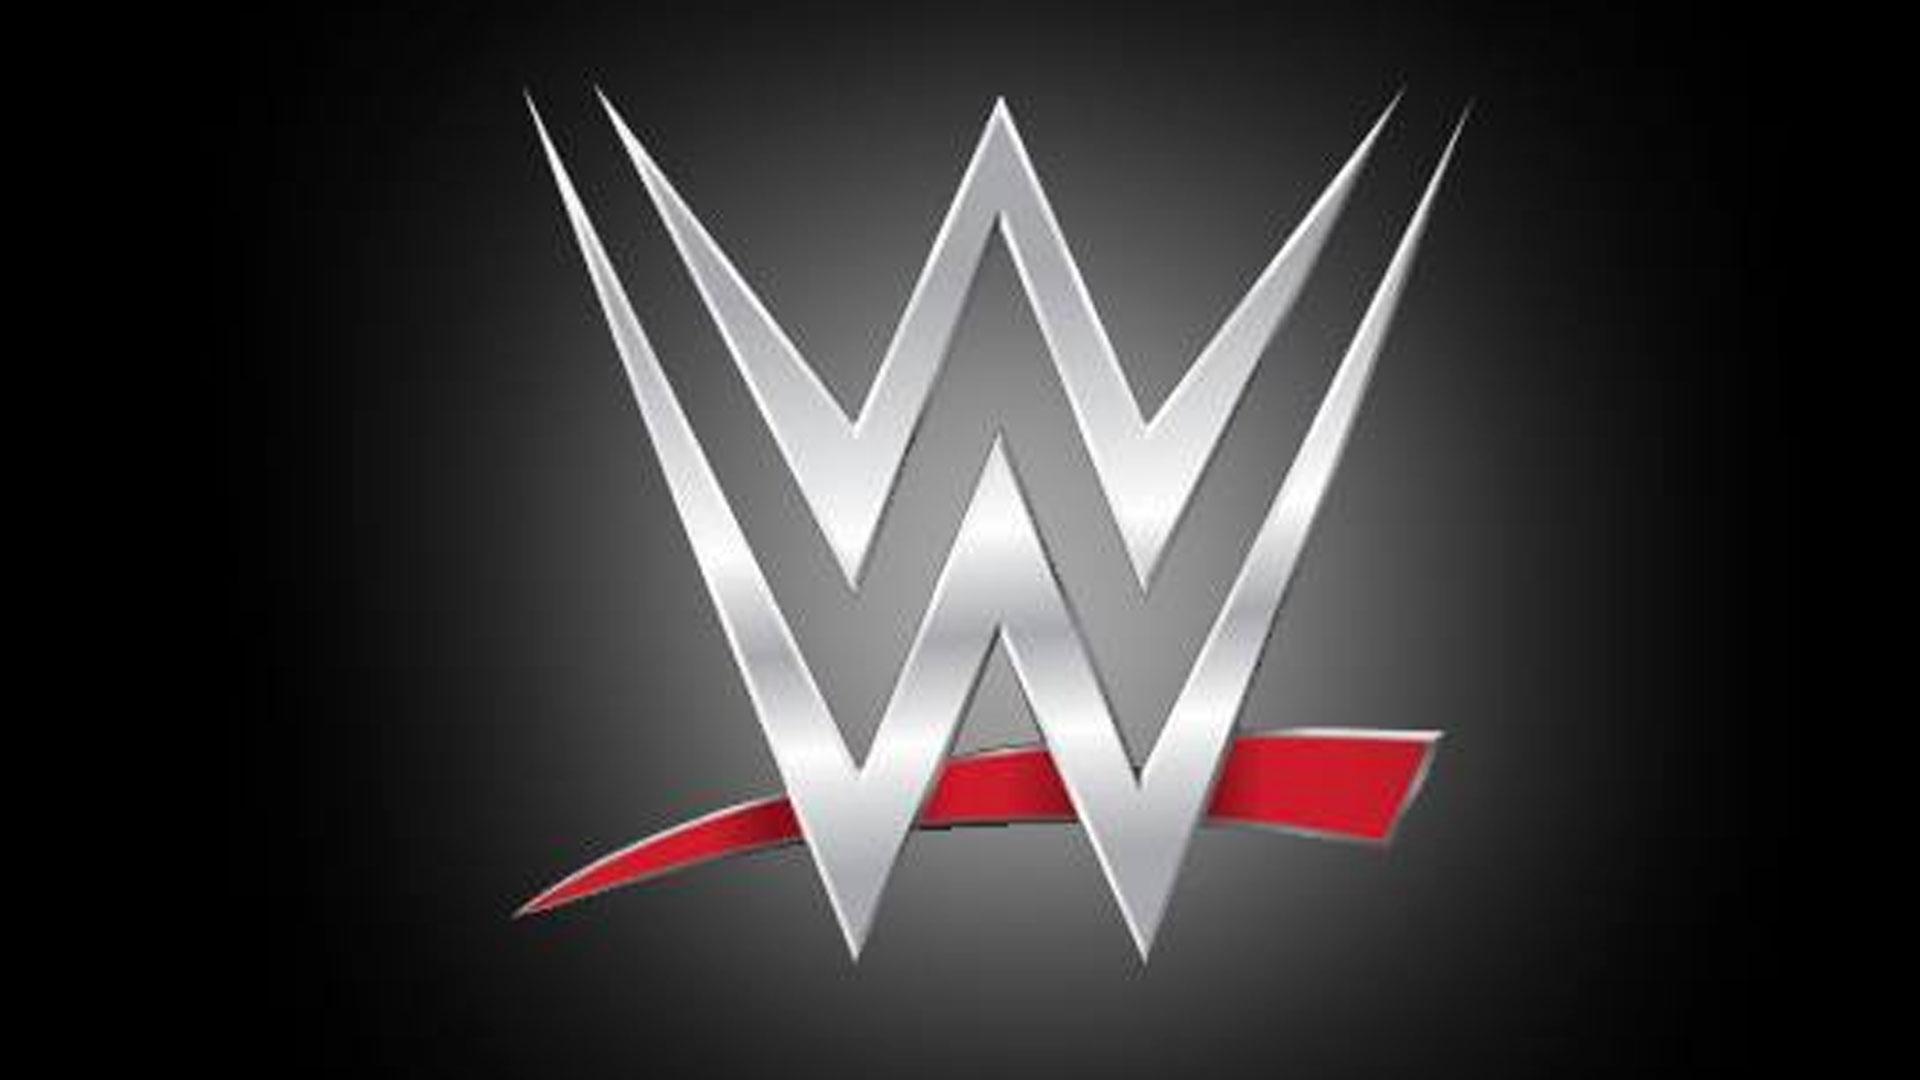 WWE NEWS: क्रिसमस के मौके पर कम्पनी करा रही है जबरदस्ती रेस्लरो से लाइव इवेंट इसी बीच माँ को याद कर भावुक हुआ यह दिग्गज रेस्लर